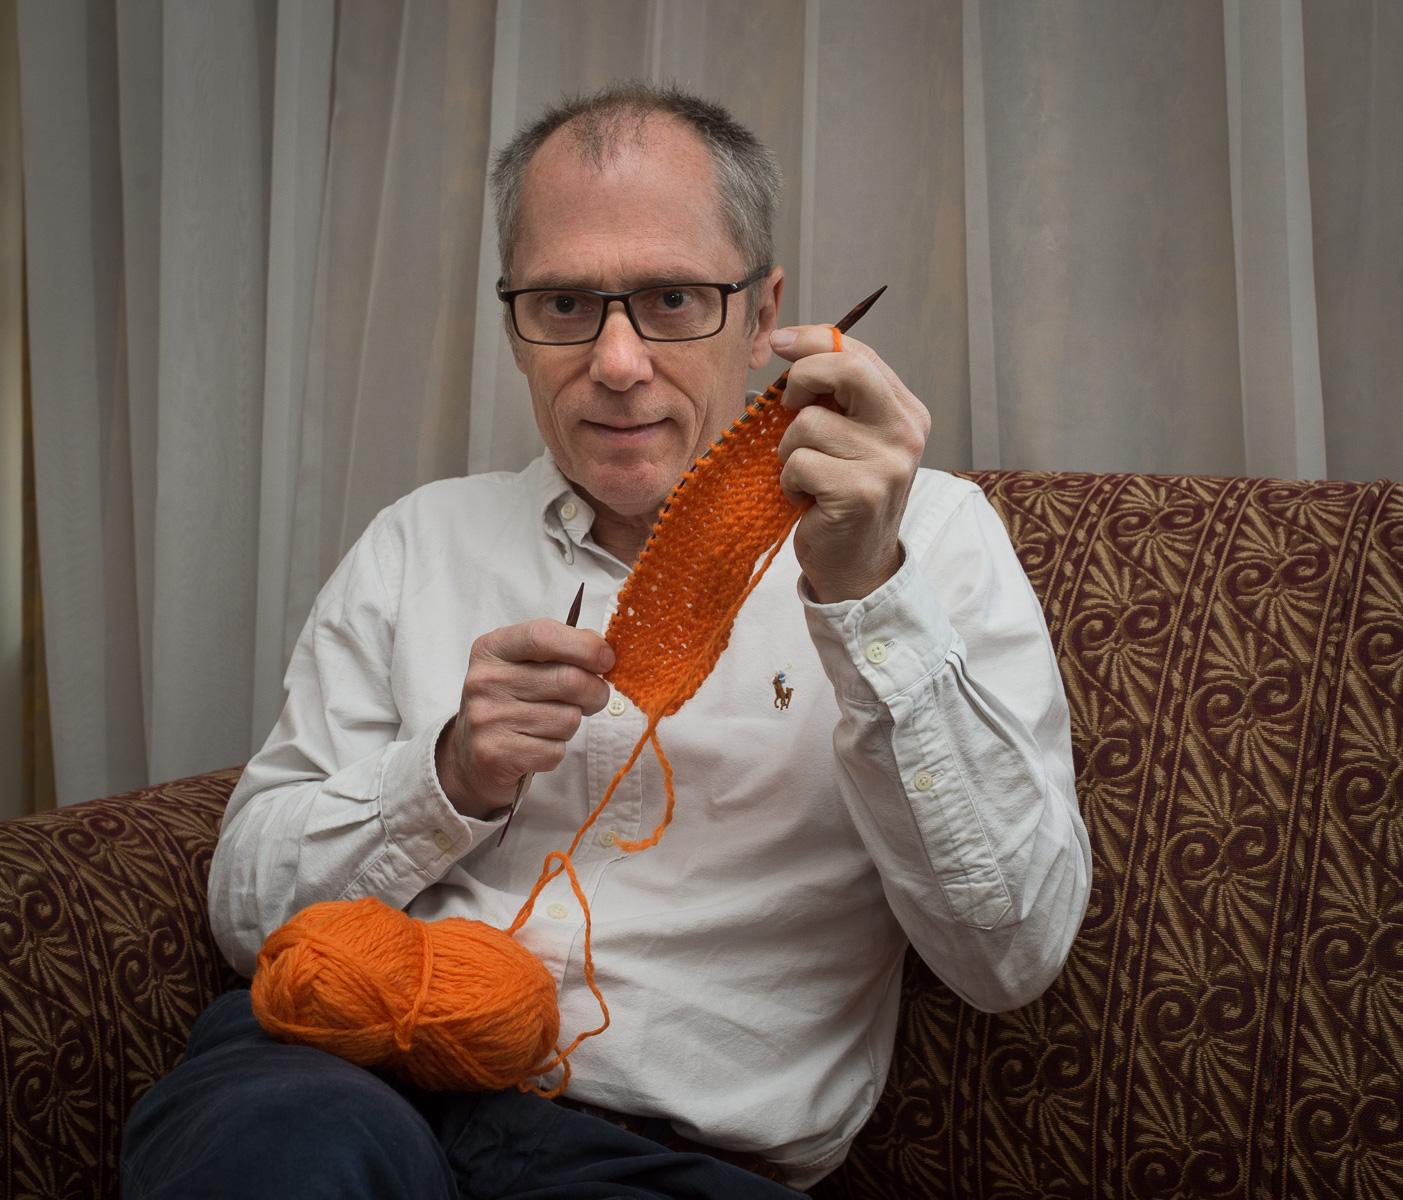 Geir strikker skjerf «Gled en som gruer seg til jul» – Kirkens Bymisjon